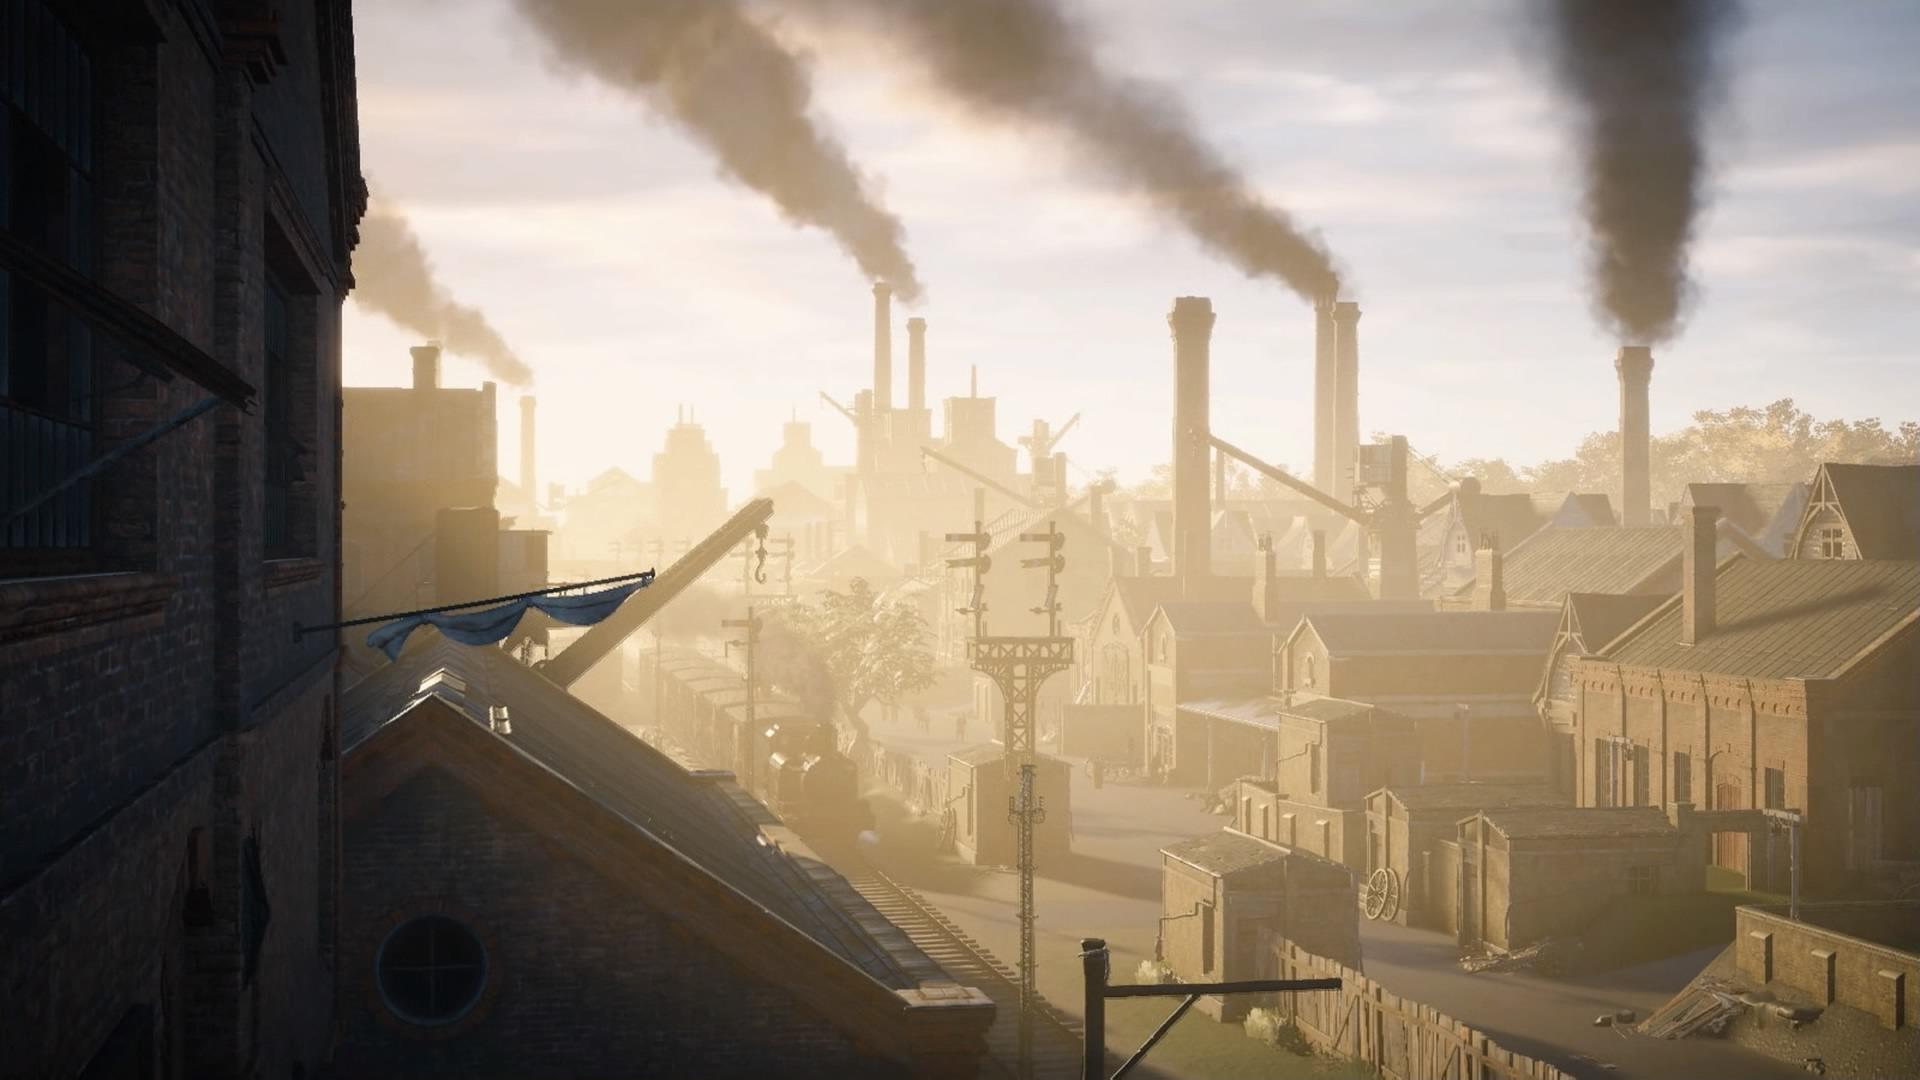 Čeština v Assassin's Creed: Syndicate je kompletní 115336